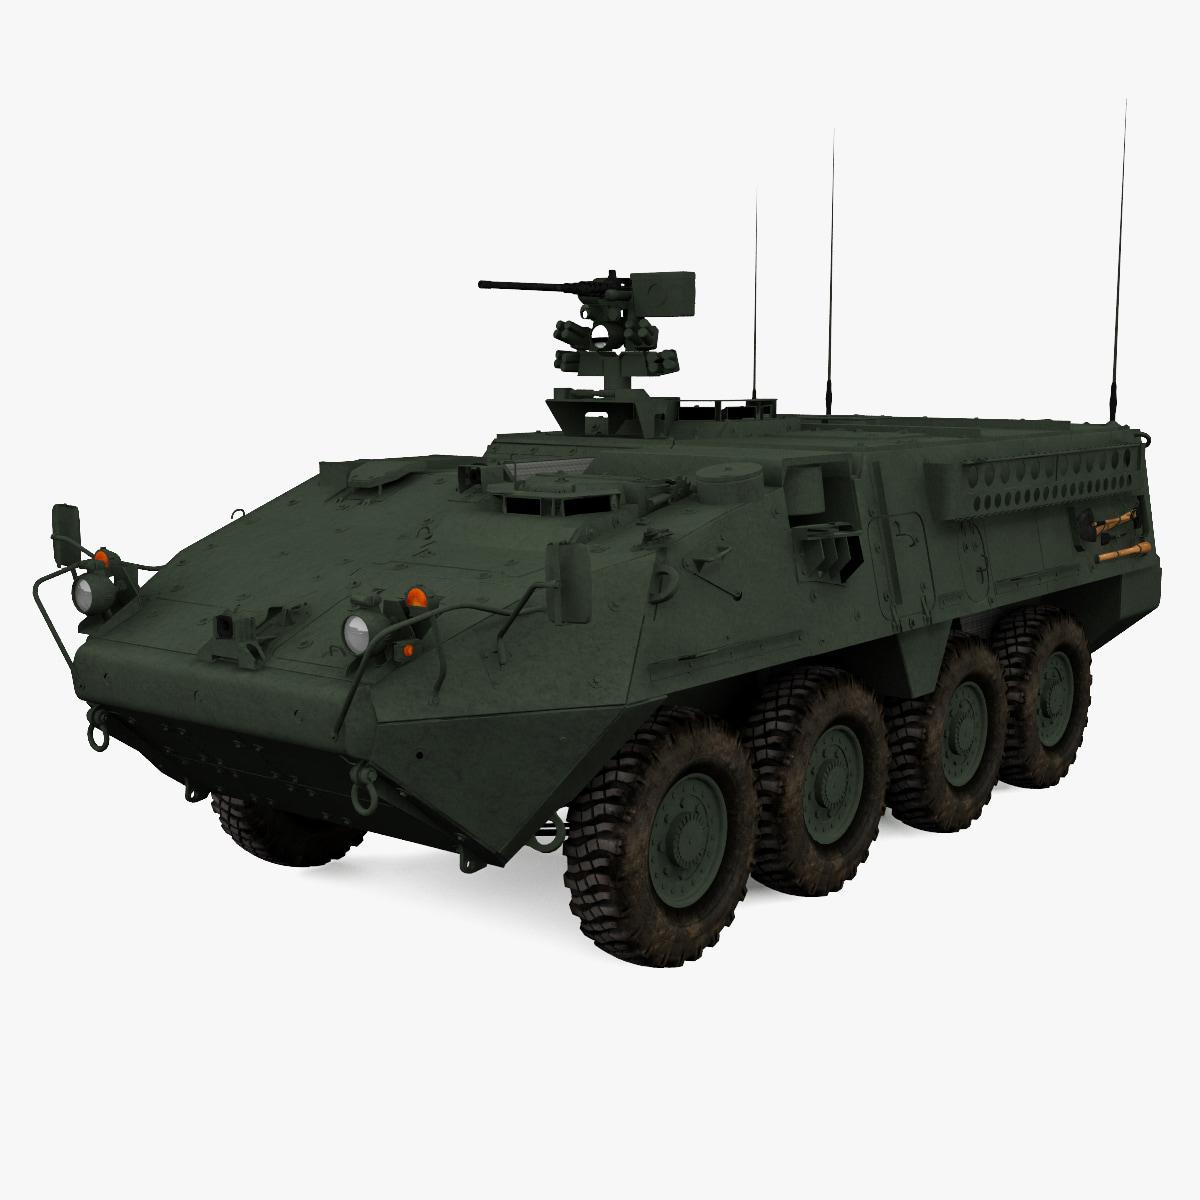 Stryker_M1126_00.jpg